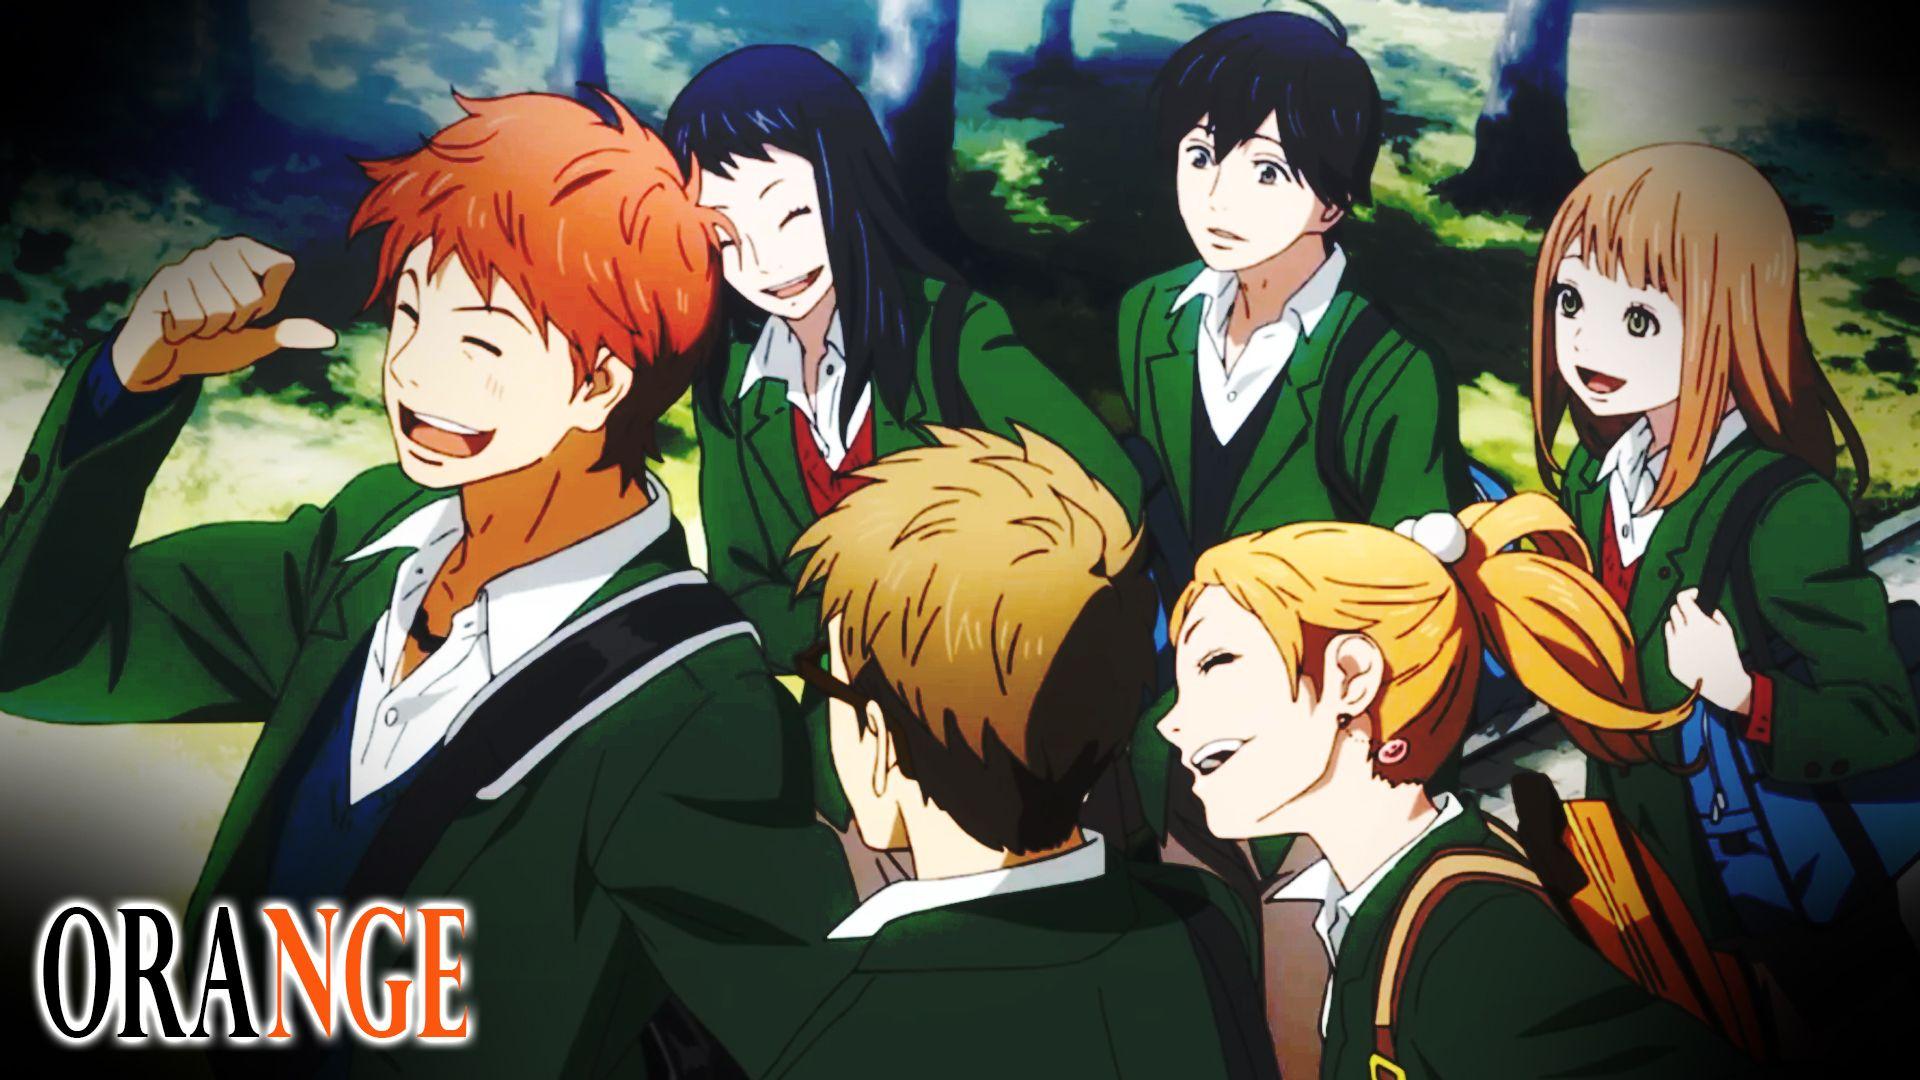 Image Result For Download Wallpaper Anime Orange